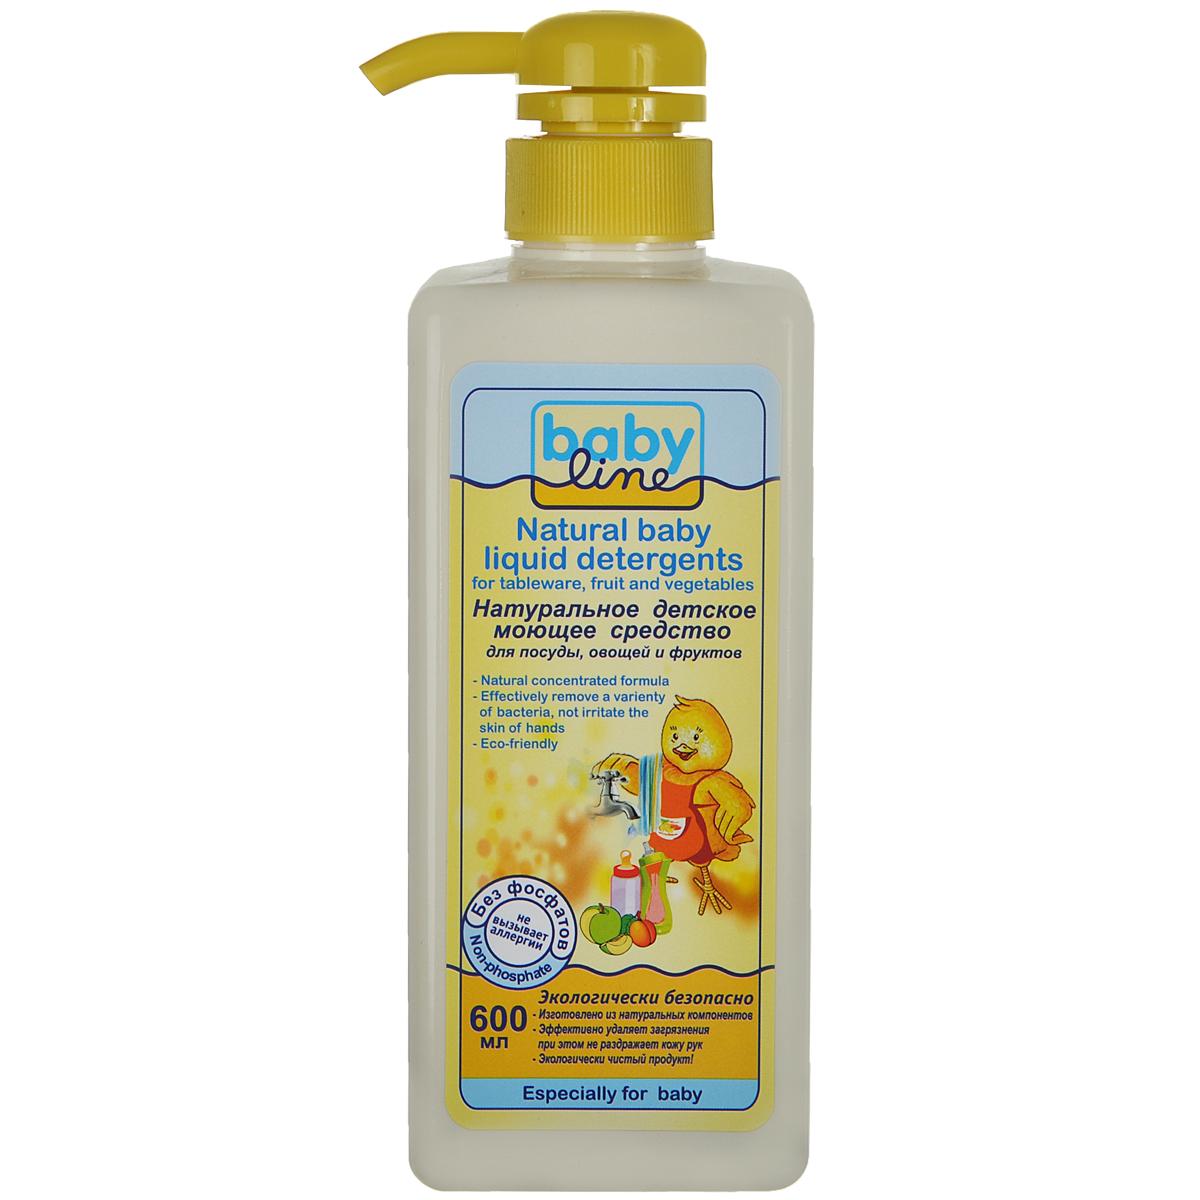 BabyLine Моющее средство для посуды, овощей и фруктов, натуральное, детское, 600 мл натуральное детское моющее средство для посуды овощей и фруктов с дозатором 600 мл baby line безопасная детская бытовая химия